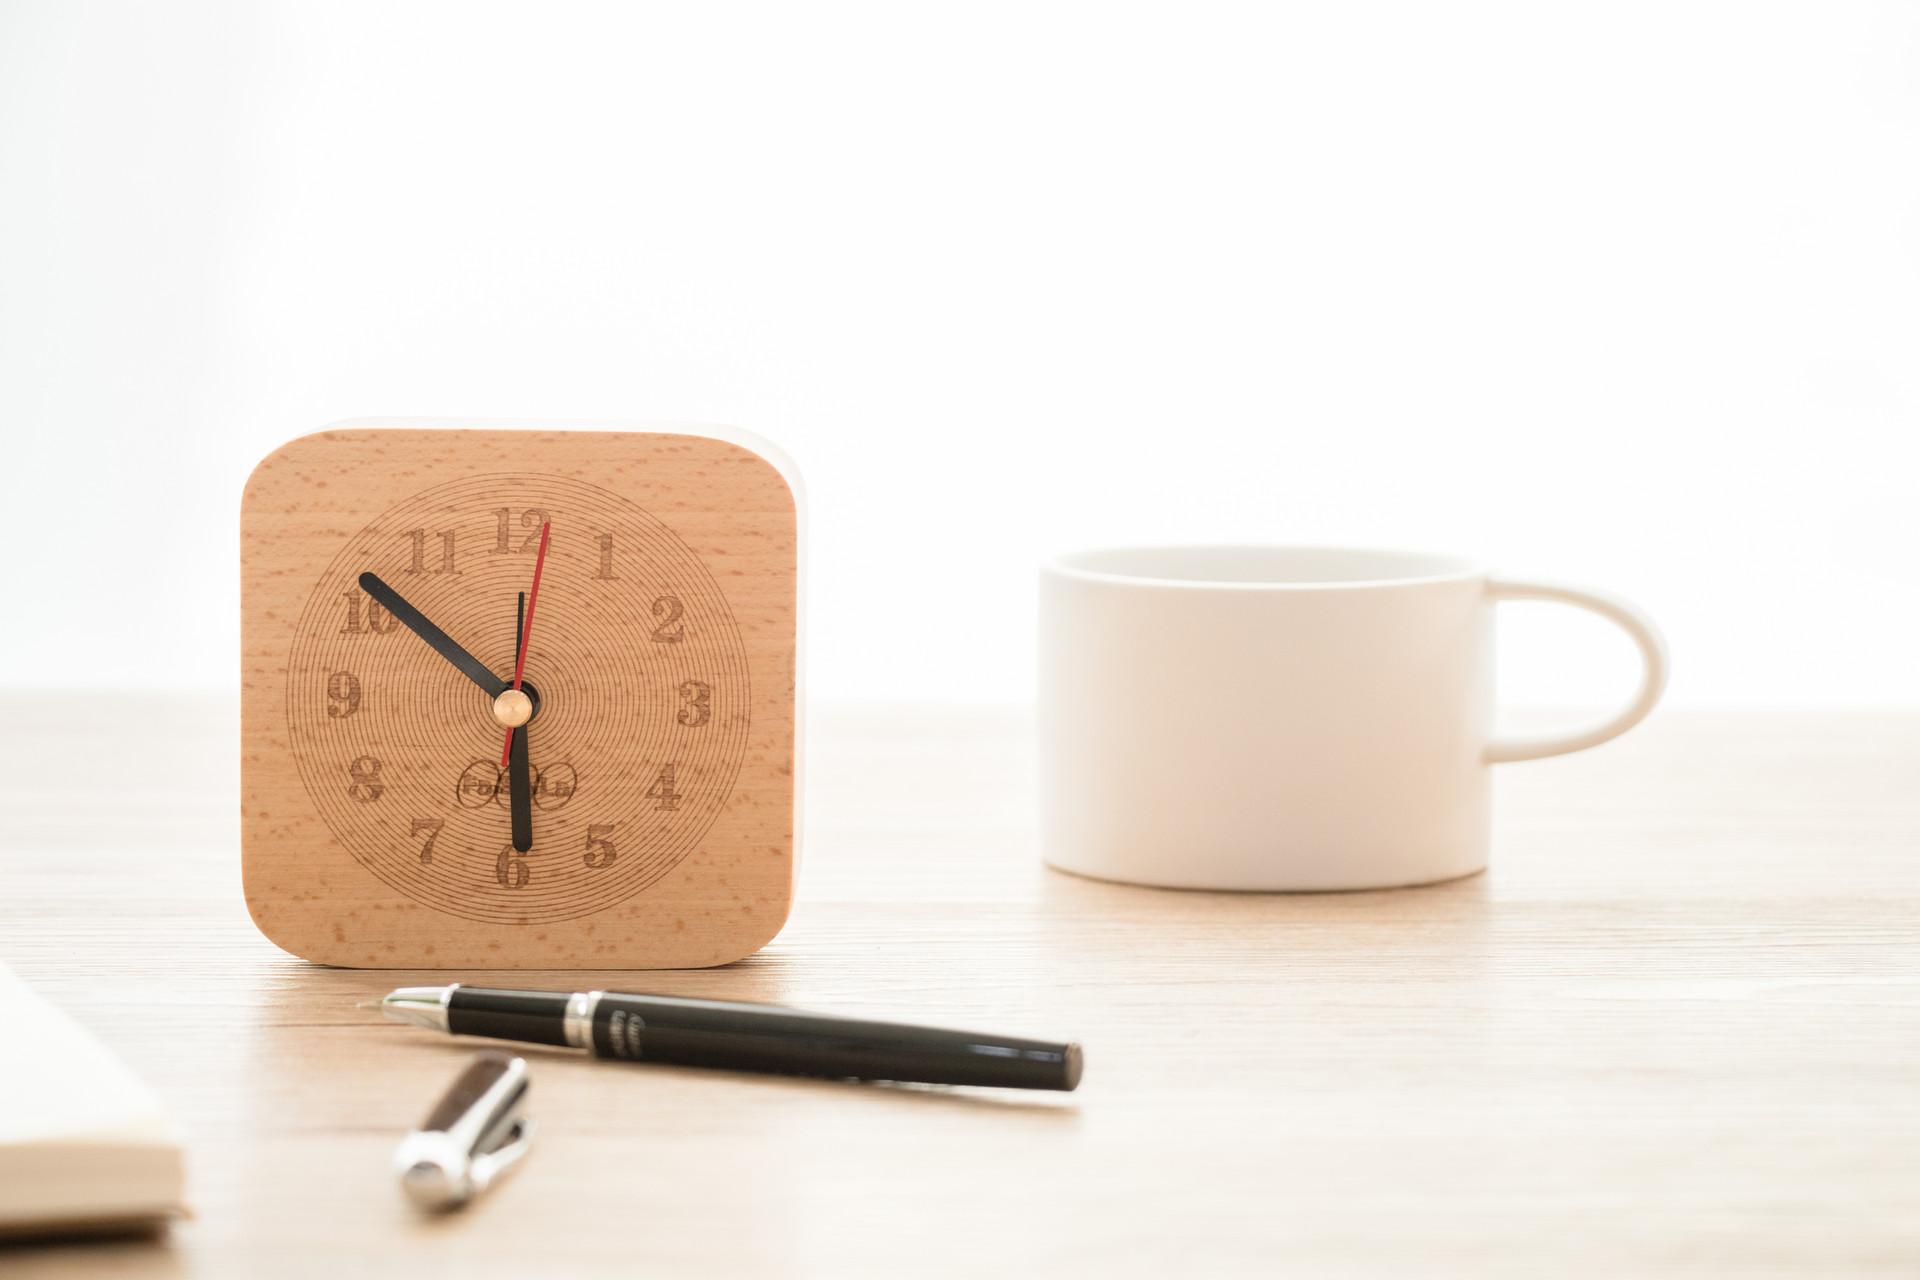 电子工资条包括哪些项?3分钟搞定一天工作量,电子工资条